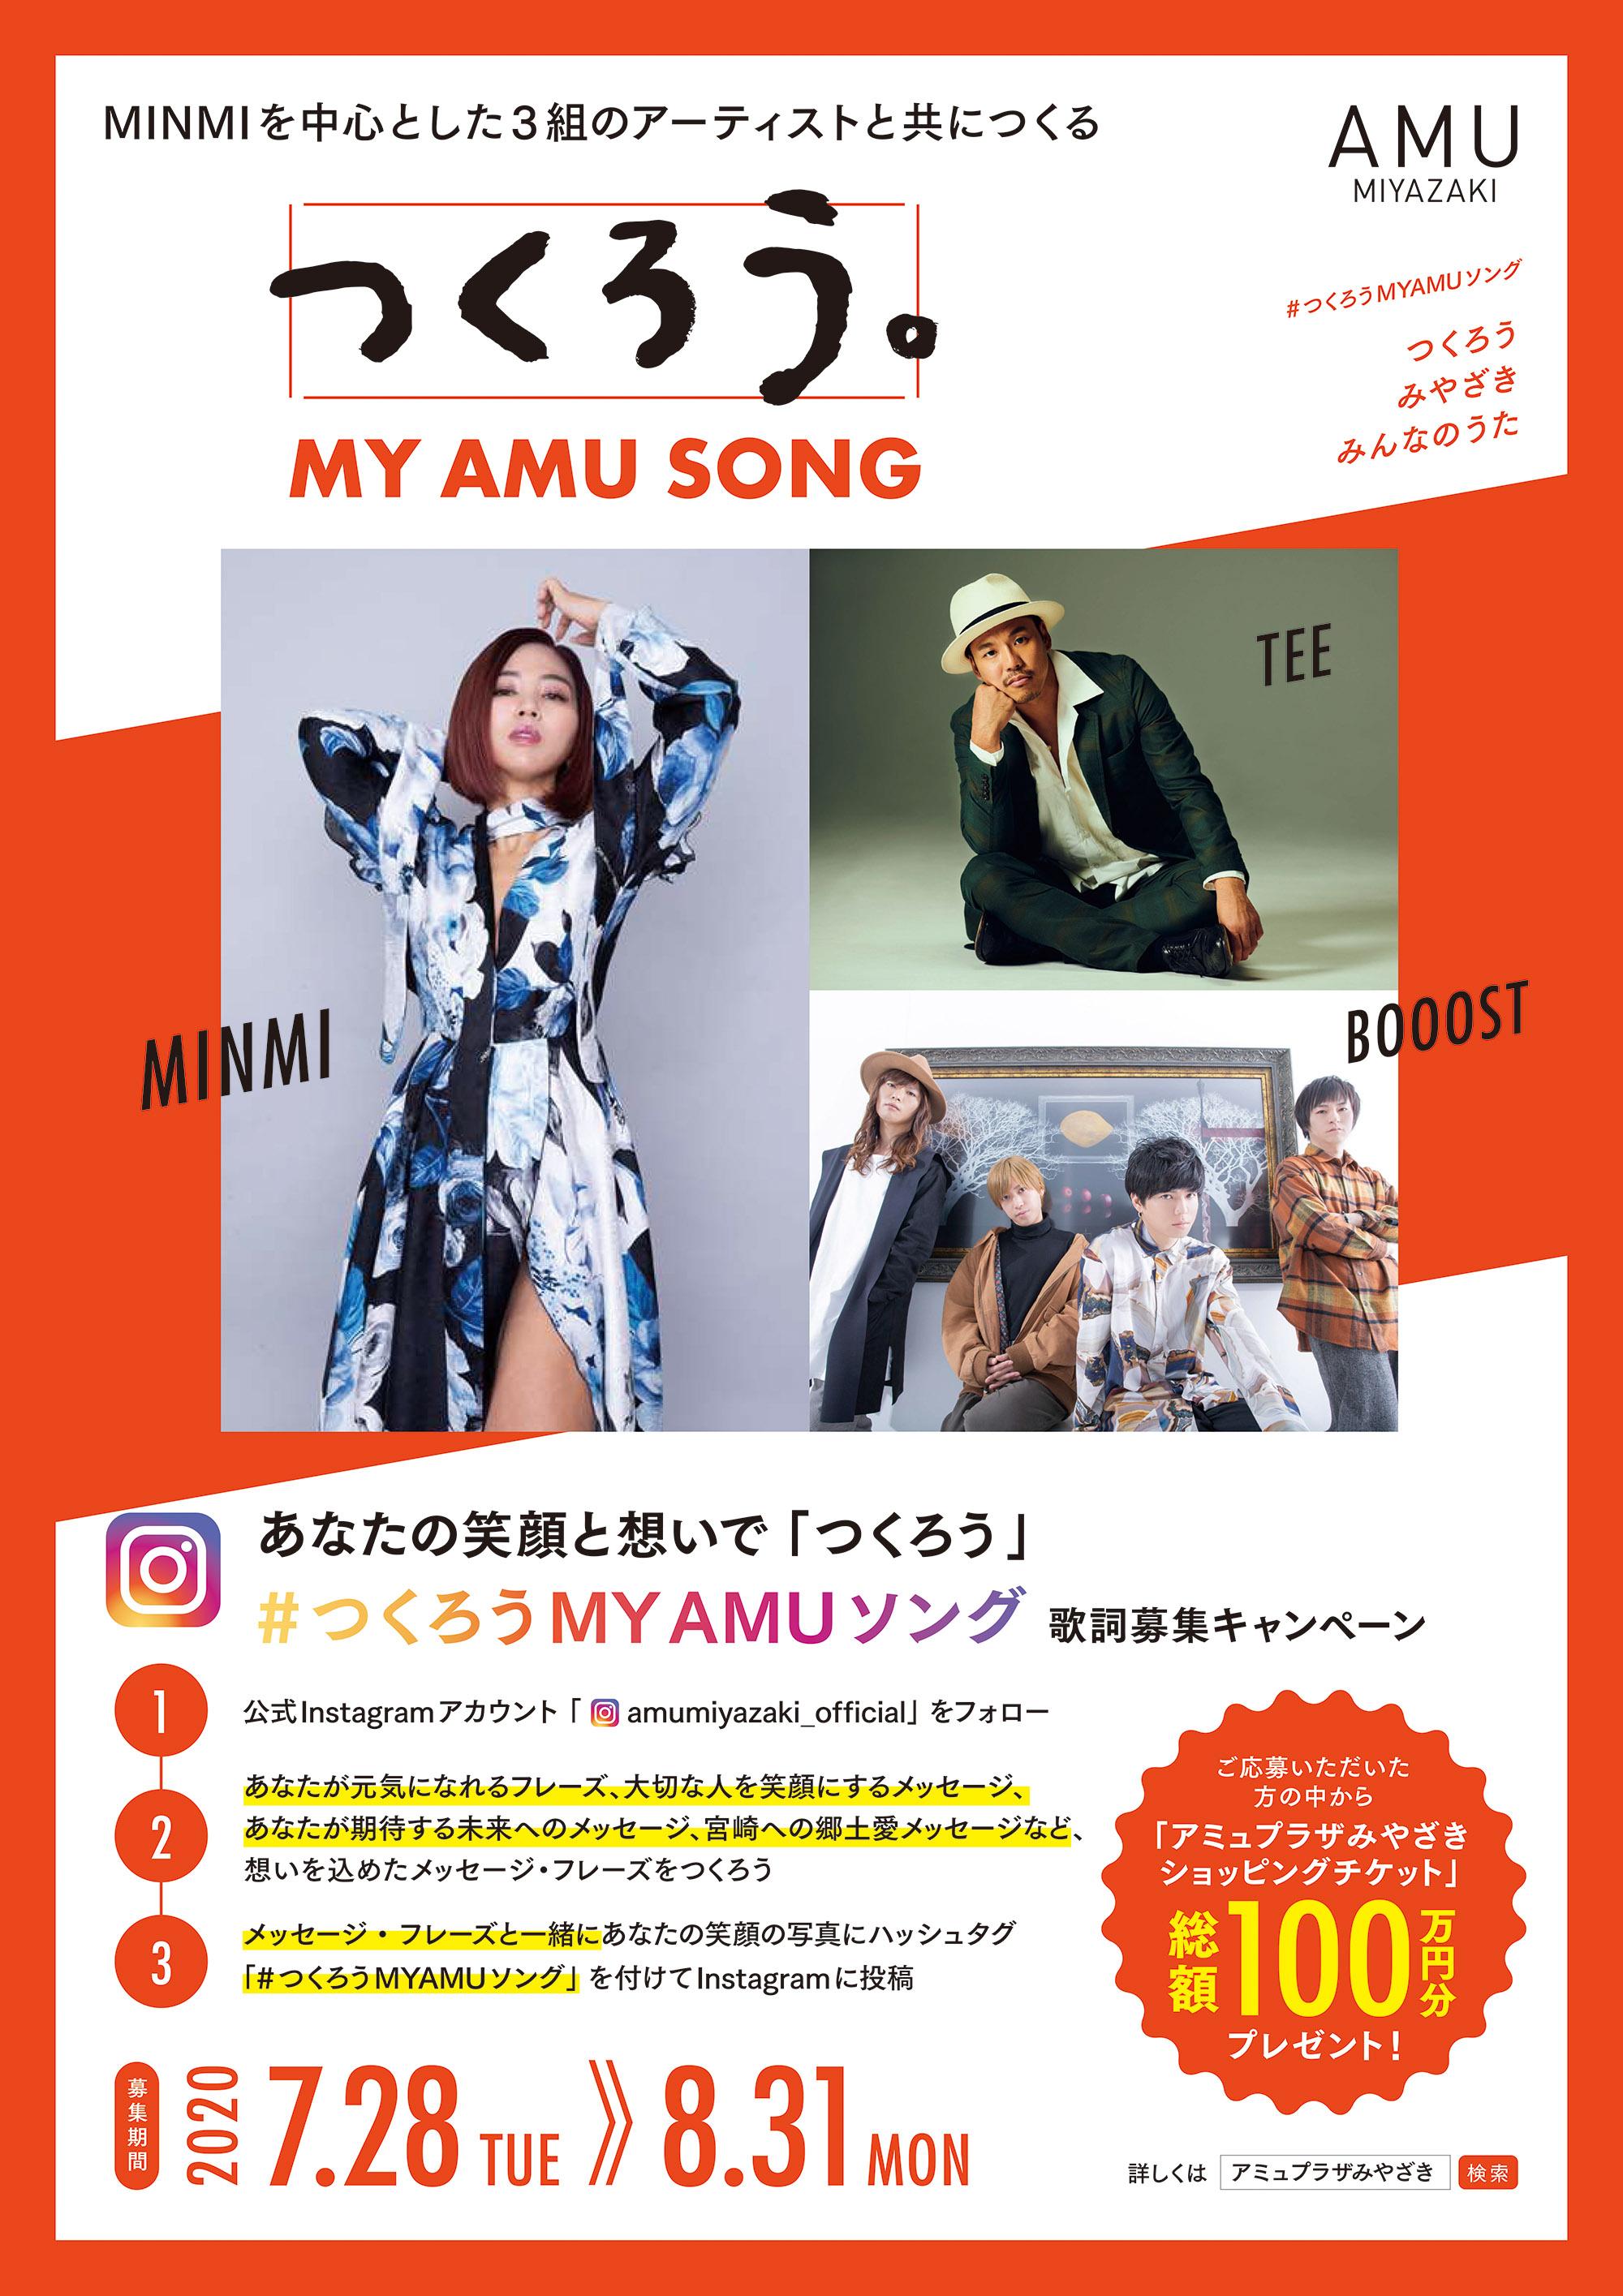 「アミュプラザみやざき」つくろう。みやざき「みんなのうた」、つくろうMY AMU(マイアミュ)ソング企画へ参加が決定!!